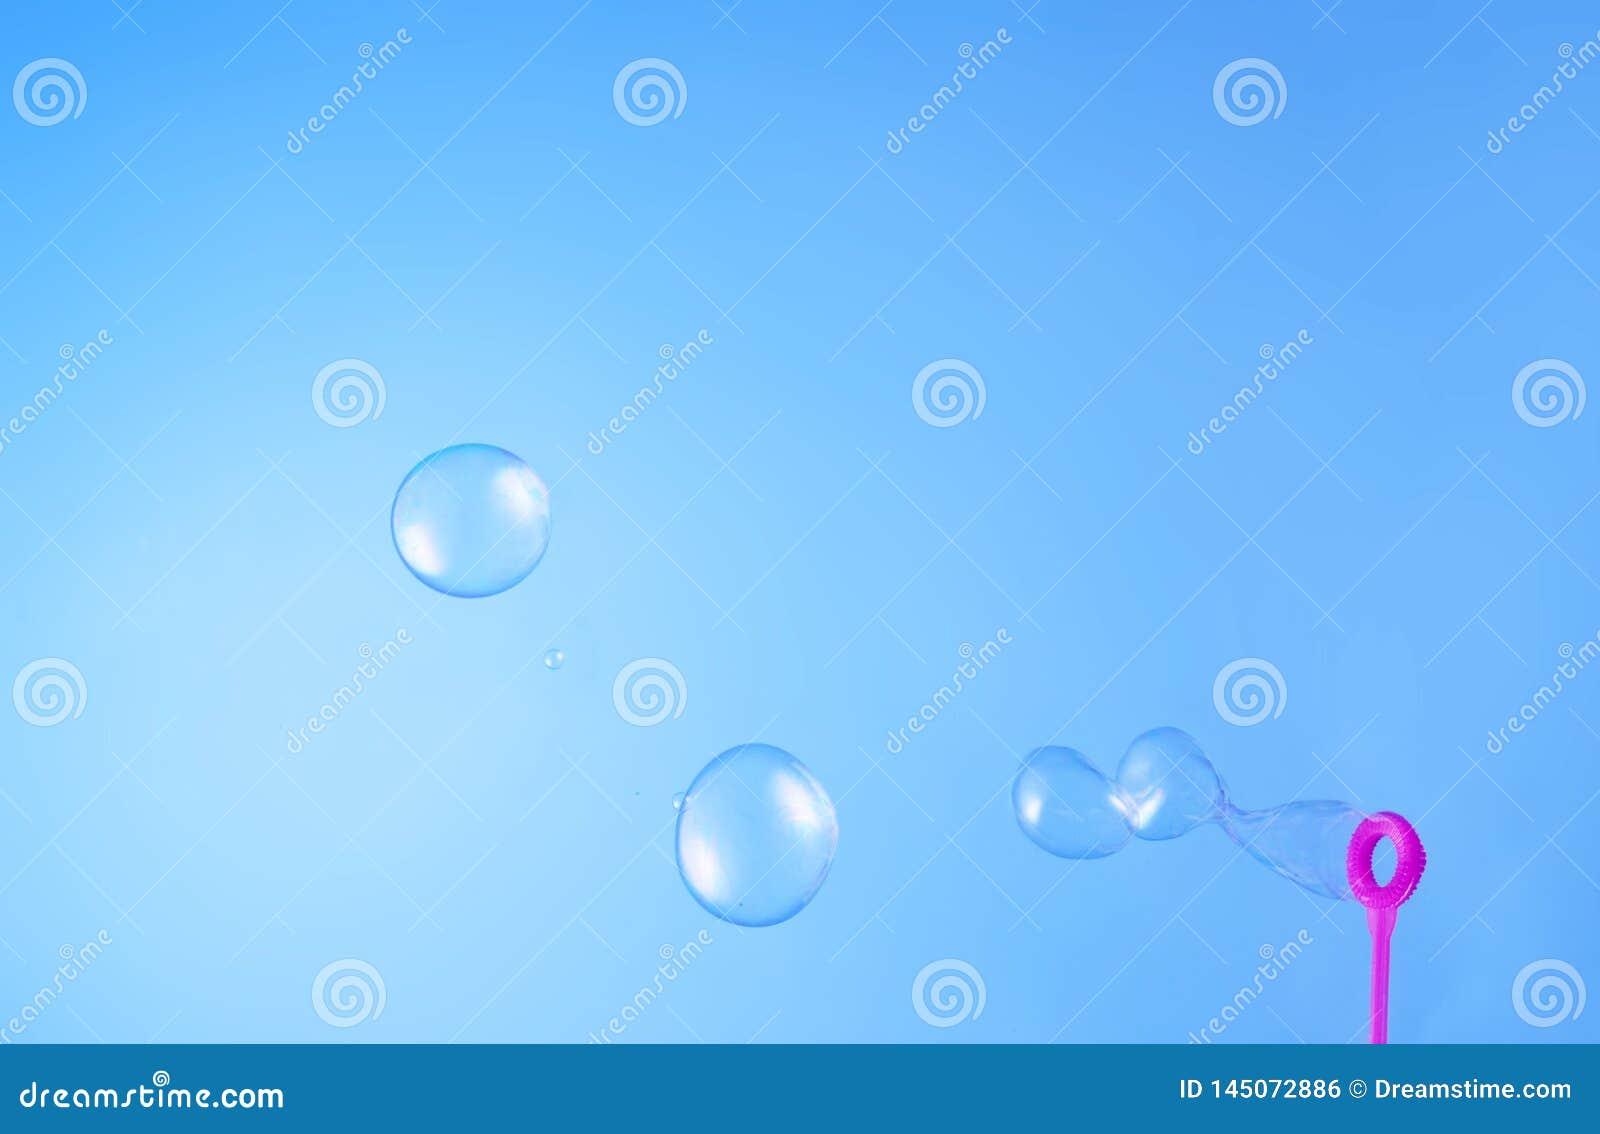 漂浮在空气的肥皂泡